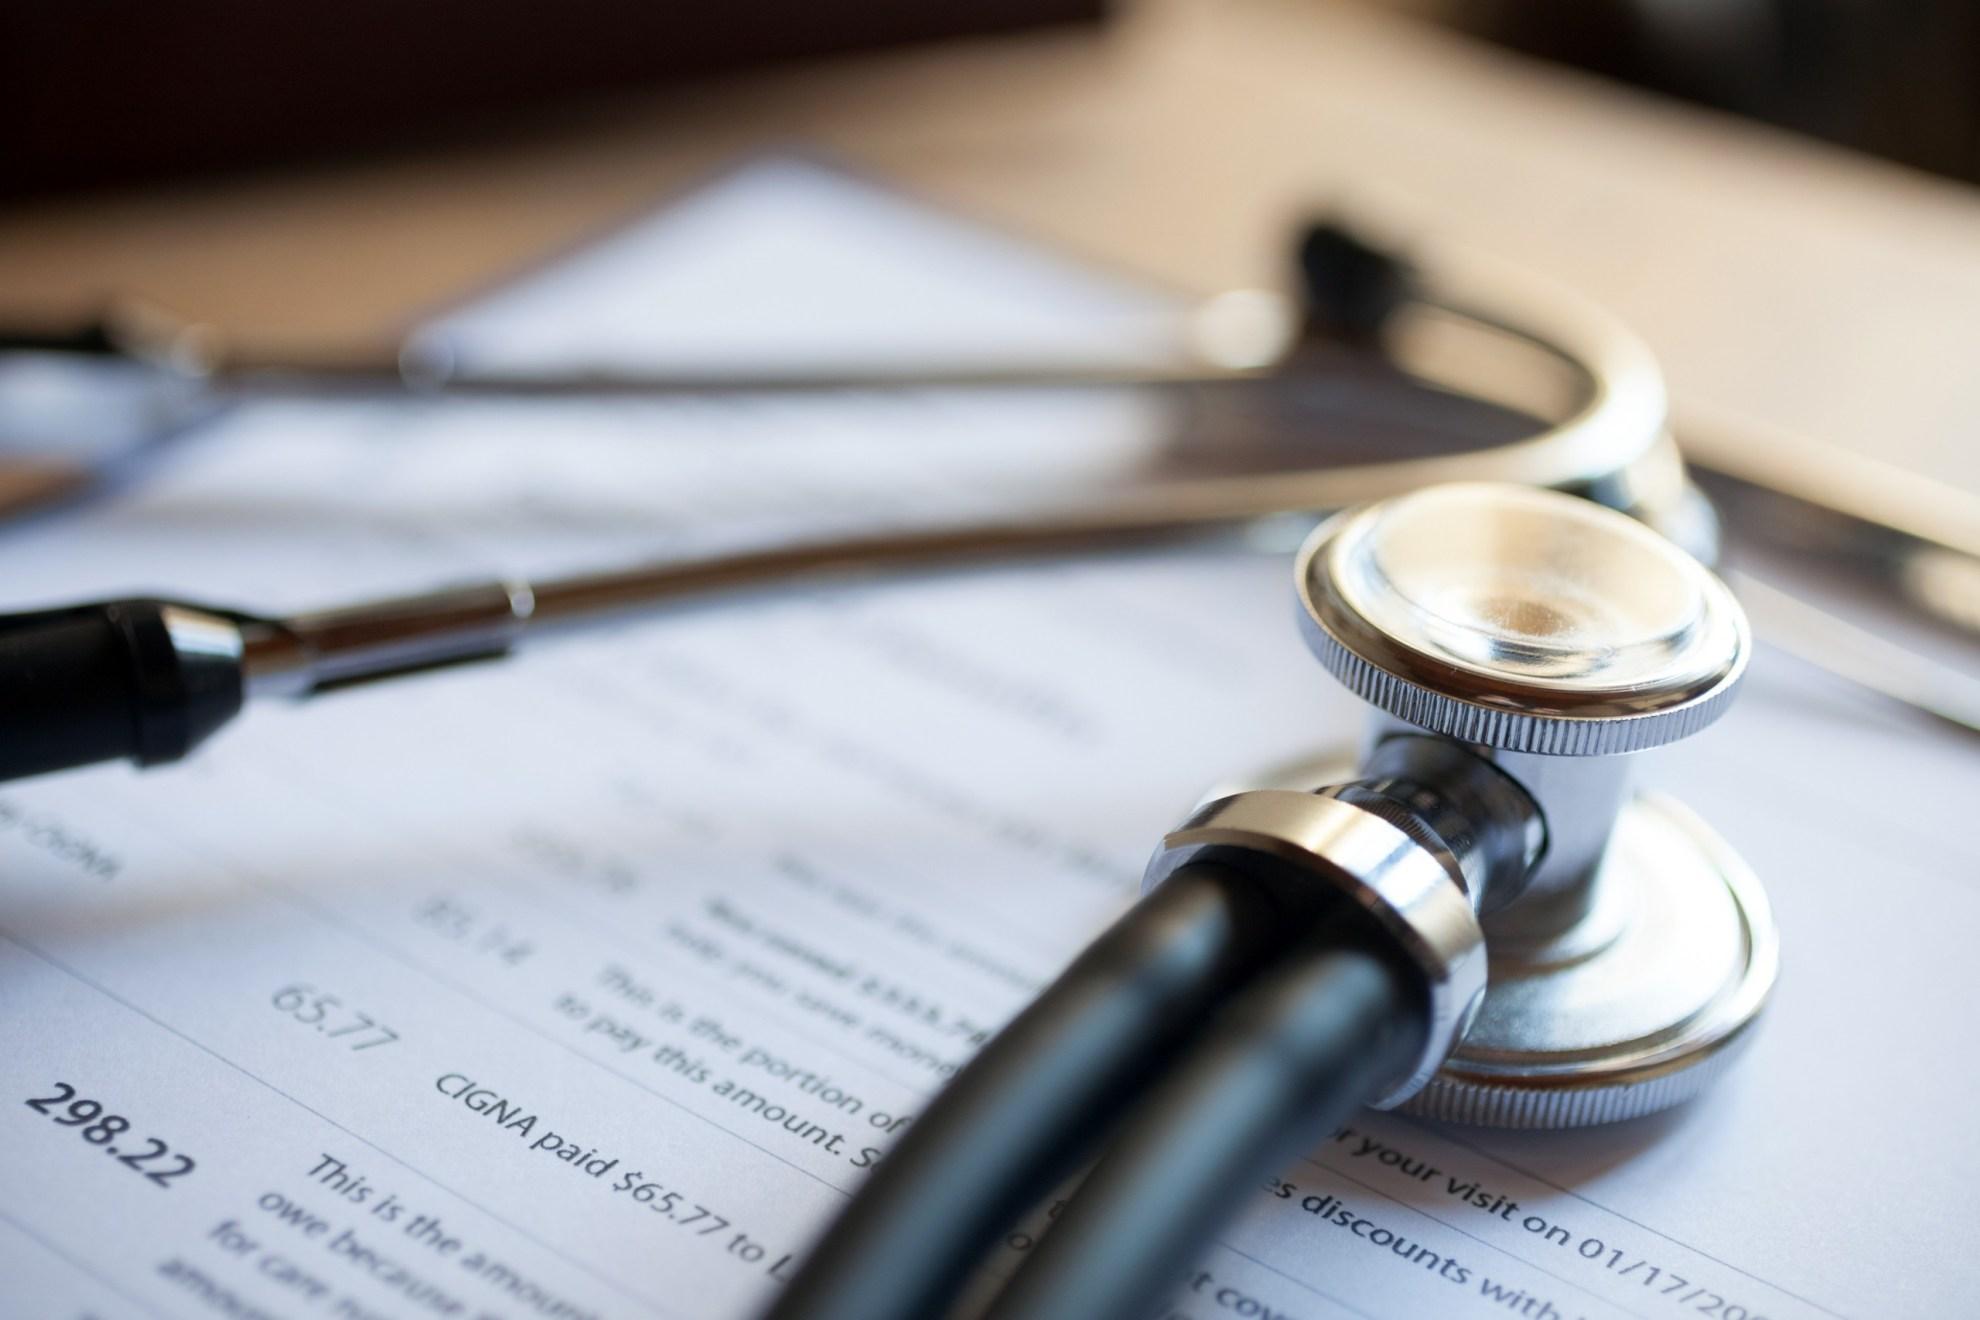 Insurance reimbursement paperwork on a clipboard under a stethoscope.